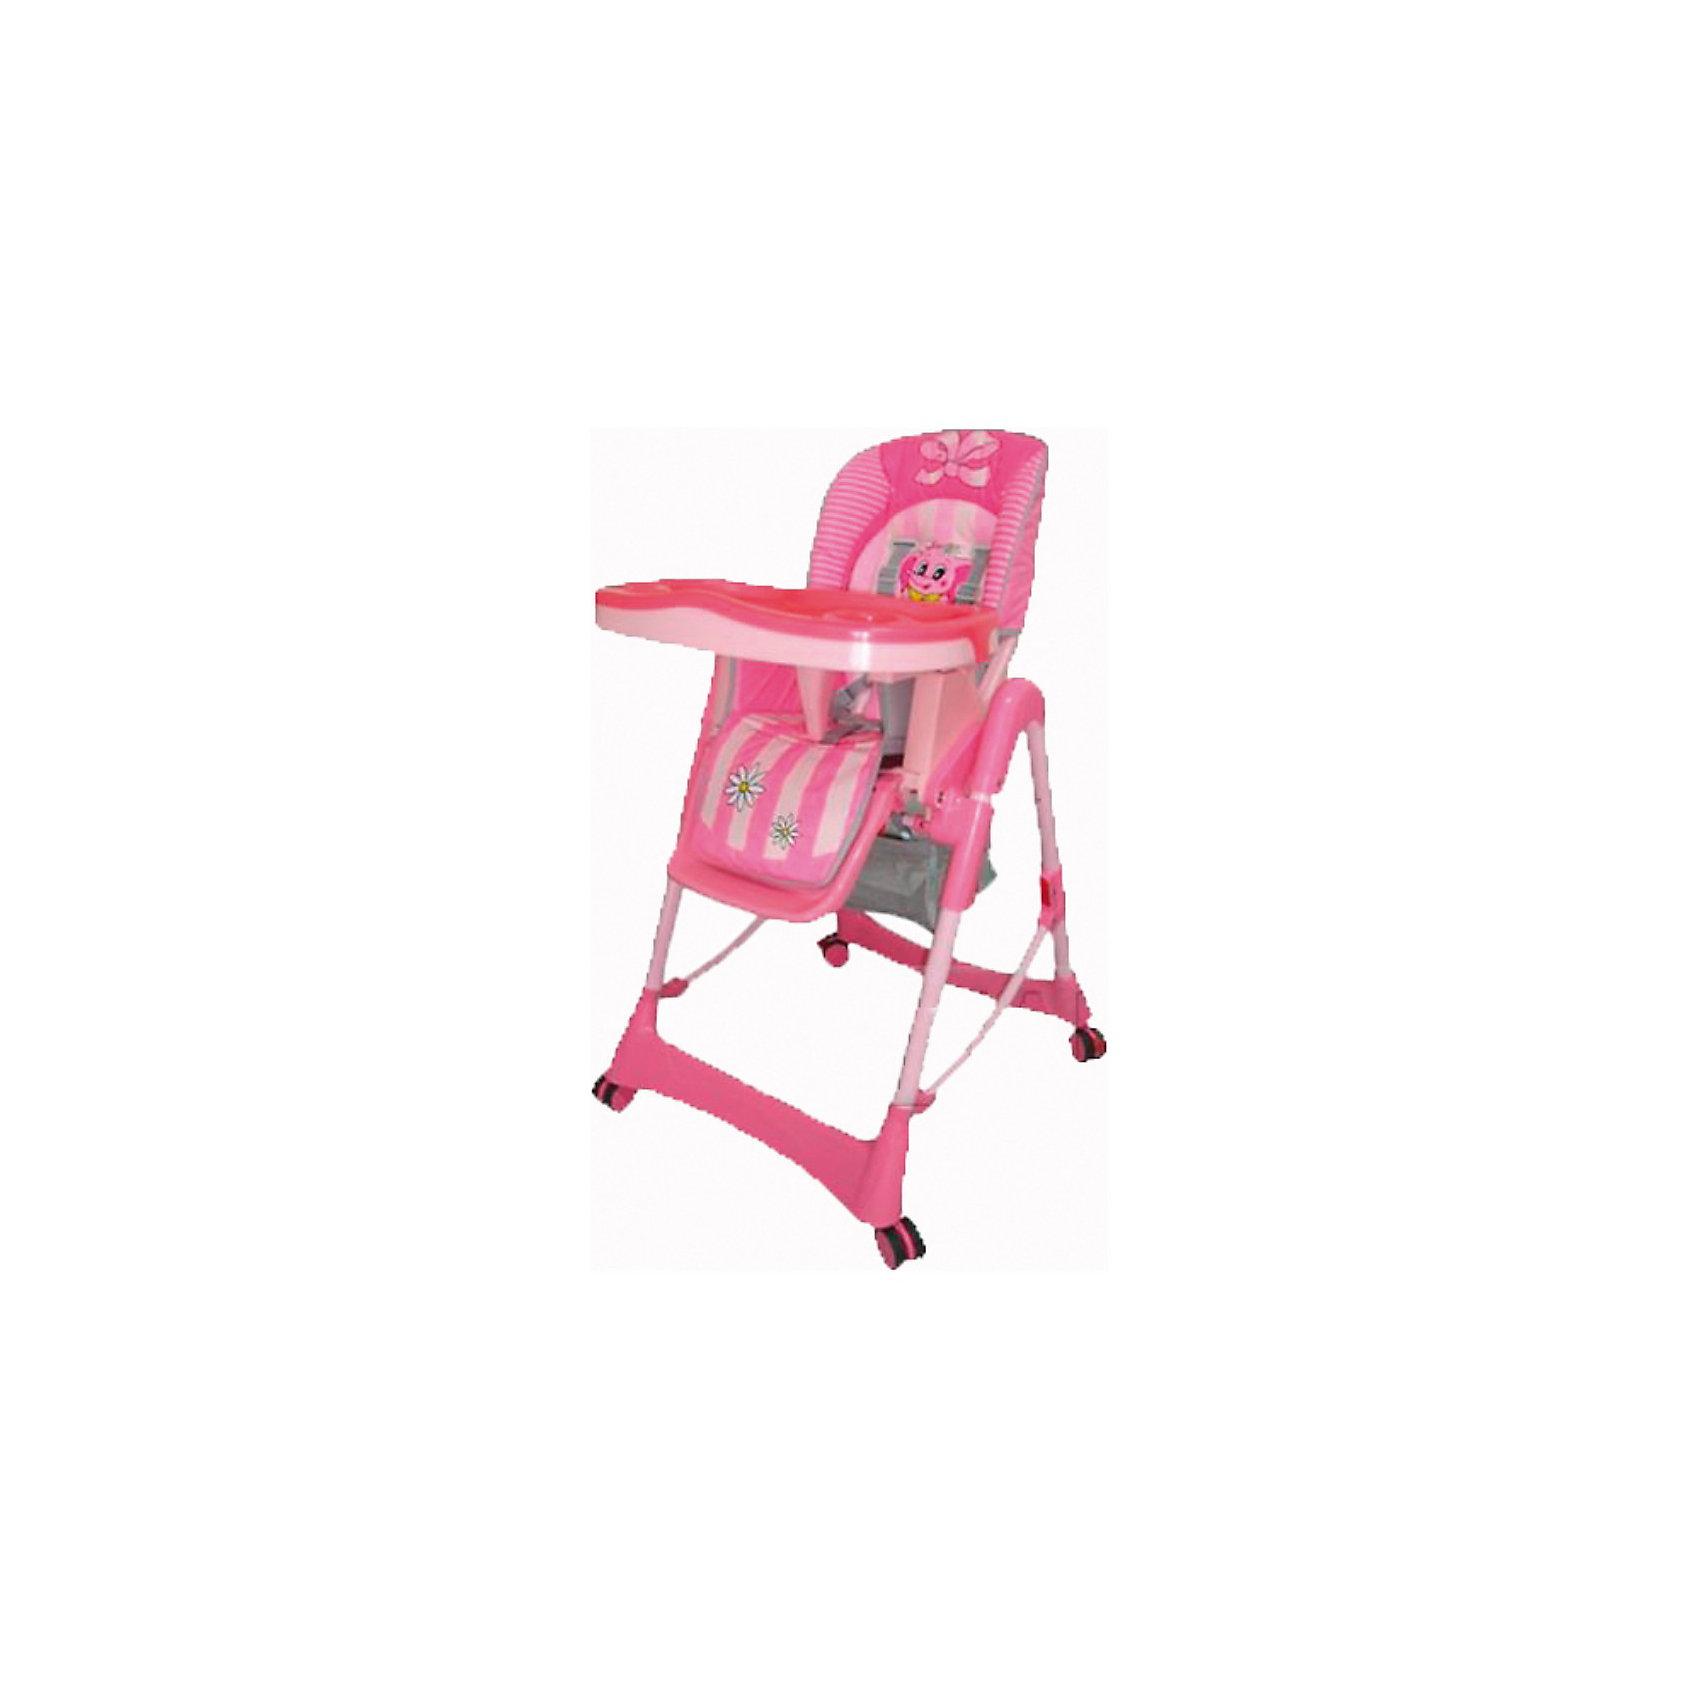 Стульчик для кормления Piero De Lux, Jetem, розовыйСтульчики для кормления<br>Комфортный стул для кормления Piero Deluxe Pink от Jetem (Жетем) поможет сделать кормление малыша приятным и безопасным. Стульчик выполнен в ярком привлекательном дизайне с изображением забавного слоненка. <br><br>Рама с поперечной перекладиной обеспечивает максимальную устойчивость. Мягкое комфортное сиденье имеет спинку, у которой регулируются высота (6 уровней) и угол наклона (3 положения) в зависимости от потребностей ребенка. Стульчик оснащен 5-точечными ремнями безопасности и ограничителем под дном столешницы, которые крепко удержат<br>малыша и не позволят соскользнуть вперед. Регулируемая подставка для ножек обеспечит ребенку надежную опору. У стульчика высокие бортики, столик также регулируется по высоте. Съемная столешница имеет 3 положения глубины, есть отверстие для стакана.<br><br>Имеется дополнительная съемная прозрачная столешница, сетка для игрушек. Прорезиненные колеса предотвращают царапины на напольном покрытии, задние колеса фиксируются. Клеенчатая обивка легко моется. Стульчик легко и компактно складывается и не занимает много места. Стульчик рекомендуется использовать от 4 -9 мес. до 3 лет,<br>максимальный вес - 18 кг.<br><br>Дополнительная информация:<br><br>- Цвет: розовый.<br>- Материал: пластик, ткань. <br>- Размер в разложенном состоянии: 125 х 60 х 65 см.<br>- Высота спинки стульчика: 58 см.<br>- Ширина сидения: 29 см.<br>- Глубина сидения: 28 см.<br>- Размер упаковки: 55 х 29 х 7 см. <br>- Вес с упаковкой: 11 кг. <br><br>Стул для кормления Piero Deluxe Pink, Jetem (Жетем) можно купить в нашем интернет-магазине.<br><br>Ширина мм: 700<br>Глубина мм: 280<br>Высота мм: 550<br>Вес г: 10500<br>Возраст от месяцев: 6<br>Возраст до месяцев: 36<br>Пол: Женский<br>Возраст: Детский<br>SKU: 3618048